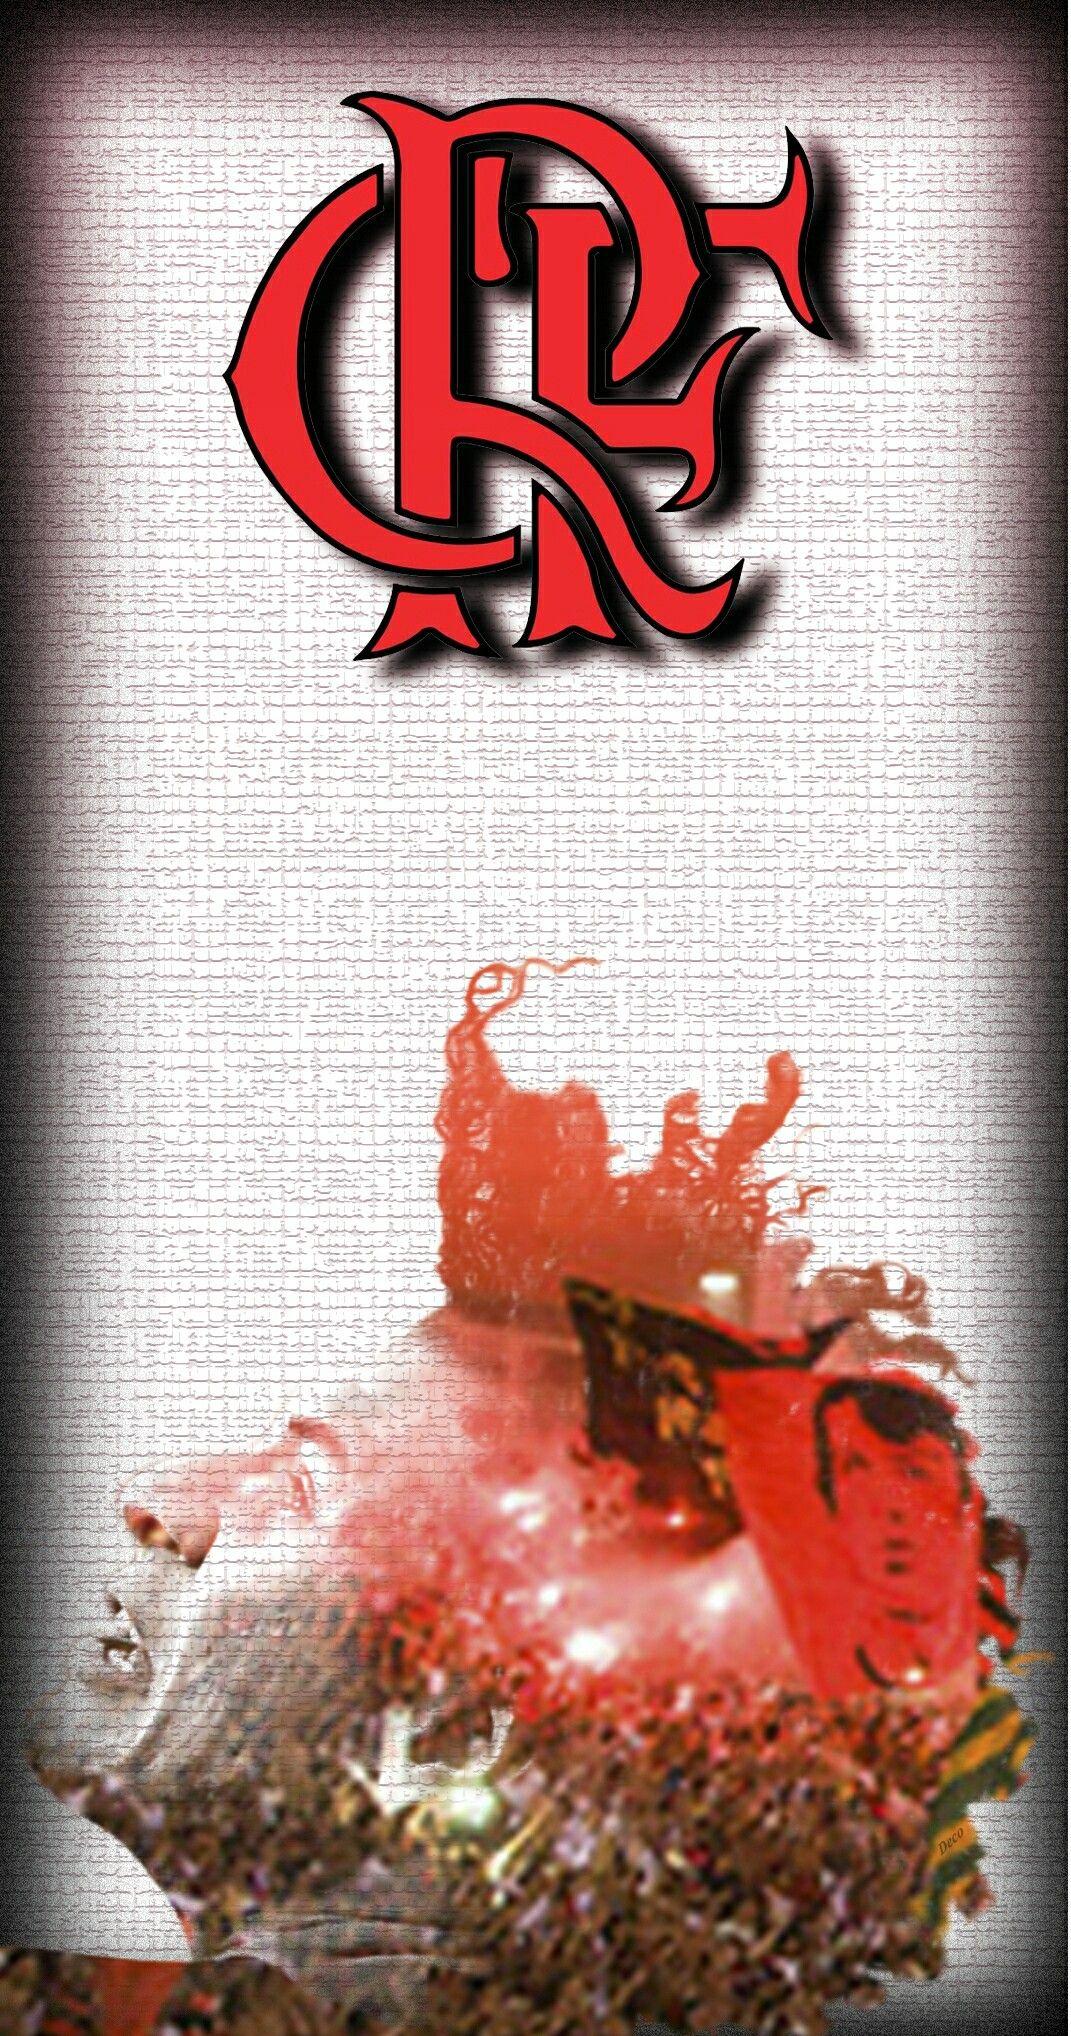 Papel De Parede Para Celular Do Flamengo - HD Wallpaper